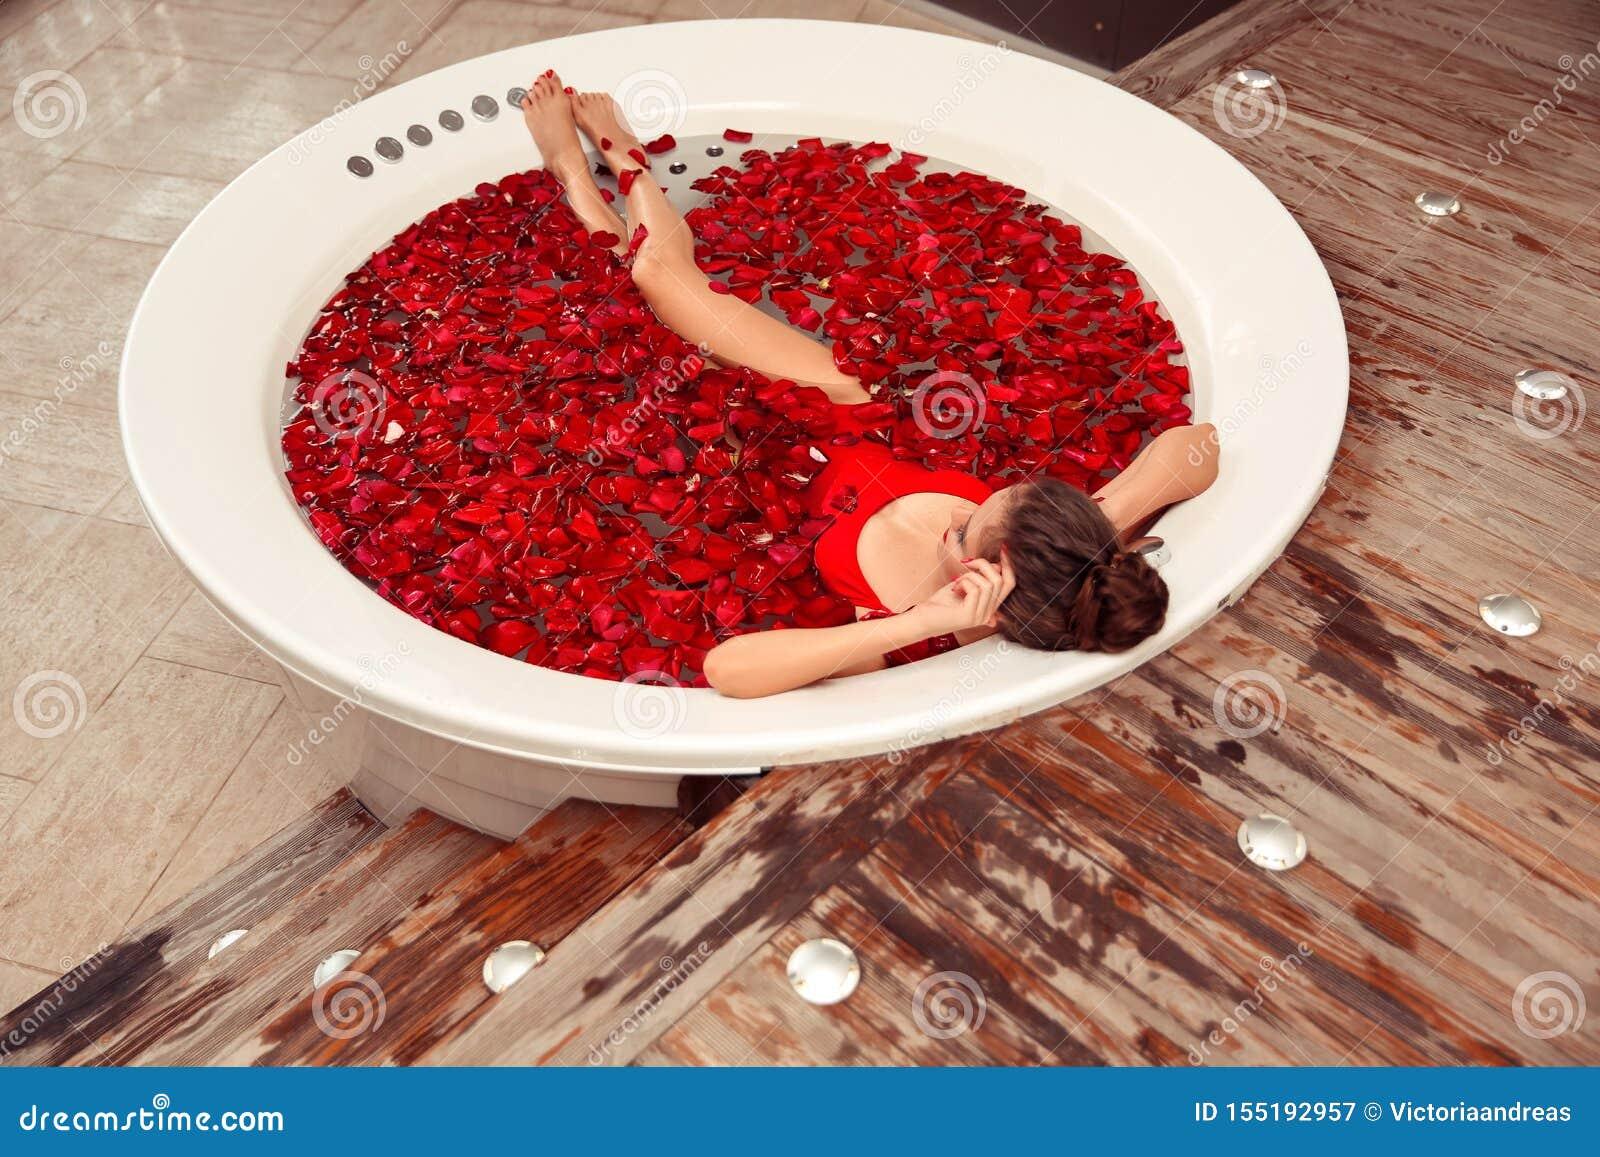 La stazione termale si distende Bella donna del bikini che si trova nella Jacuzzi rotonda con i petali di rosa rossa Salute e bel